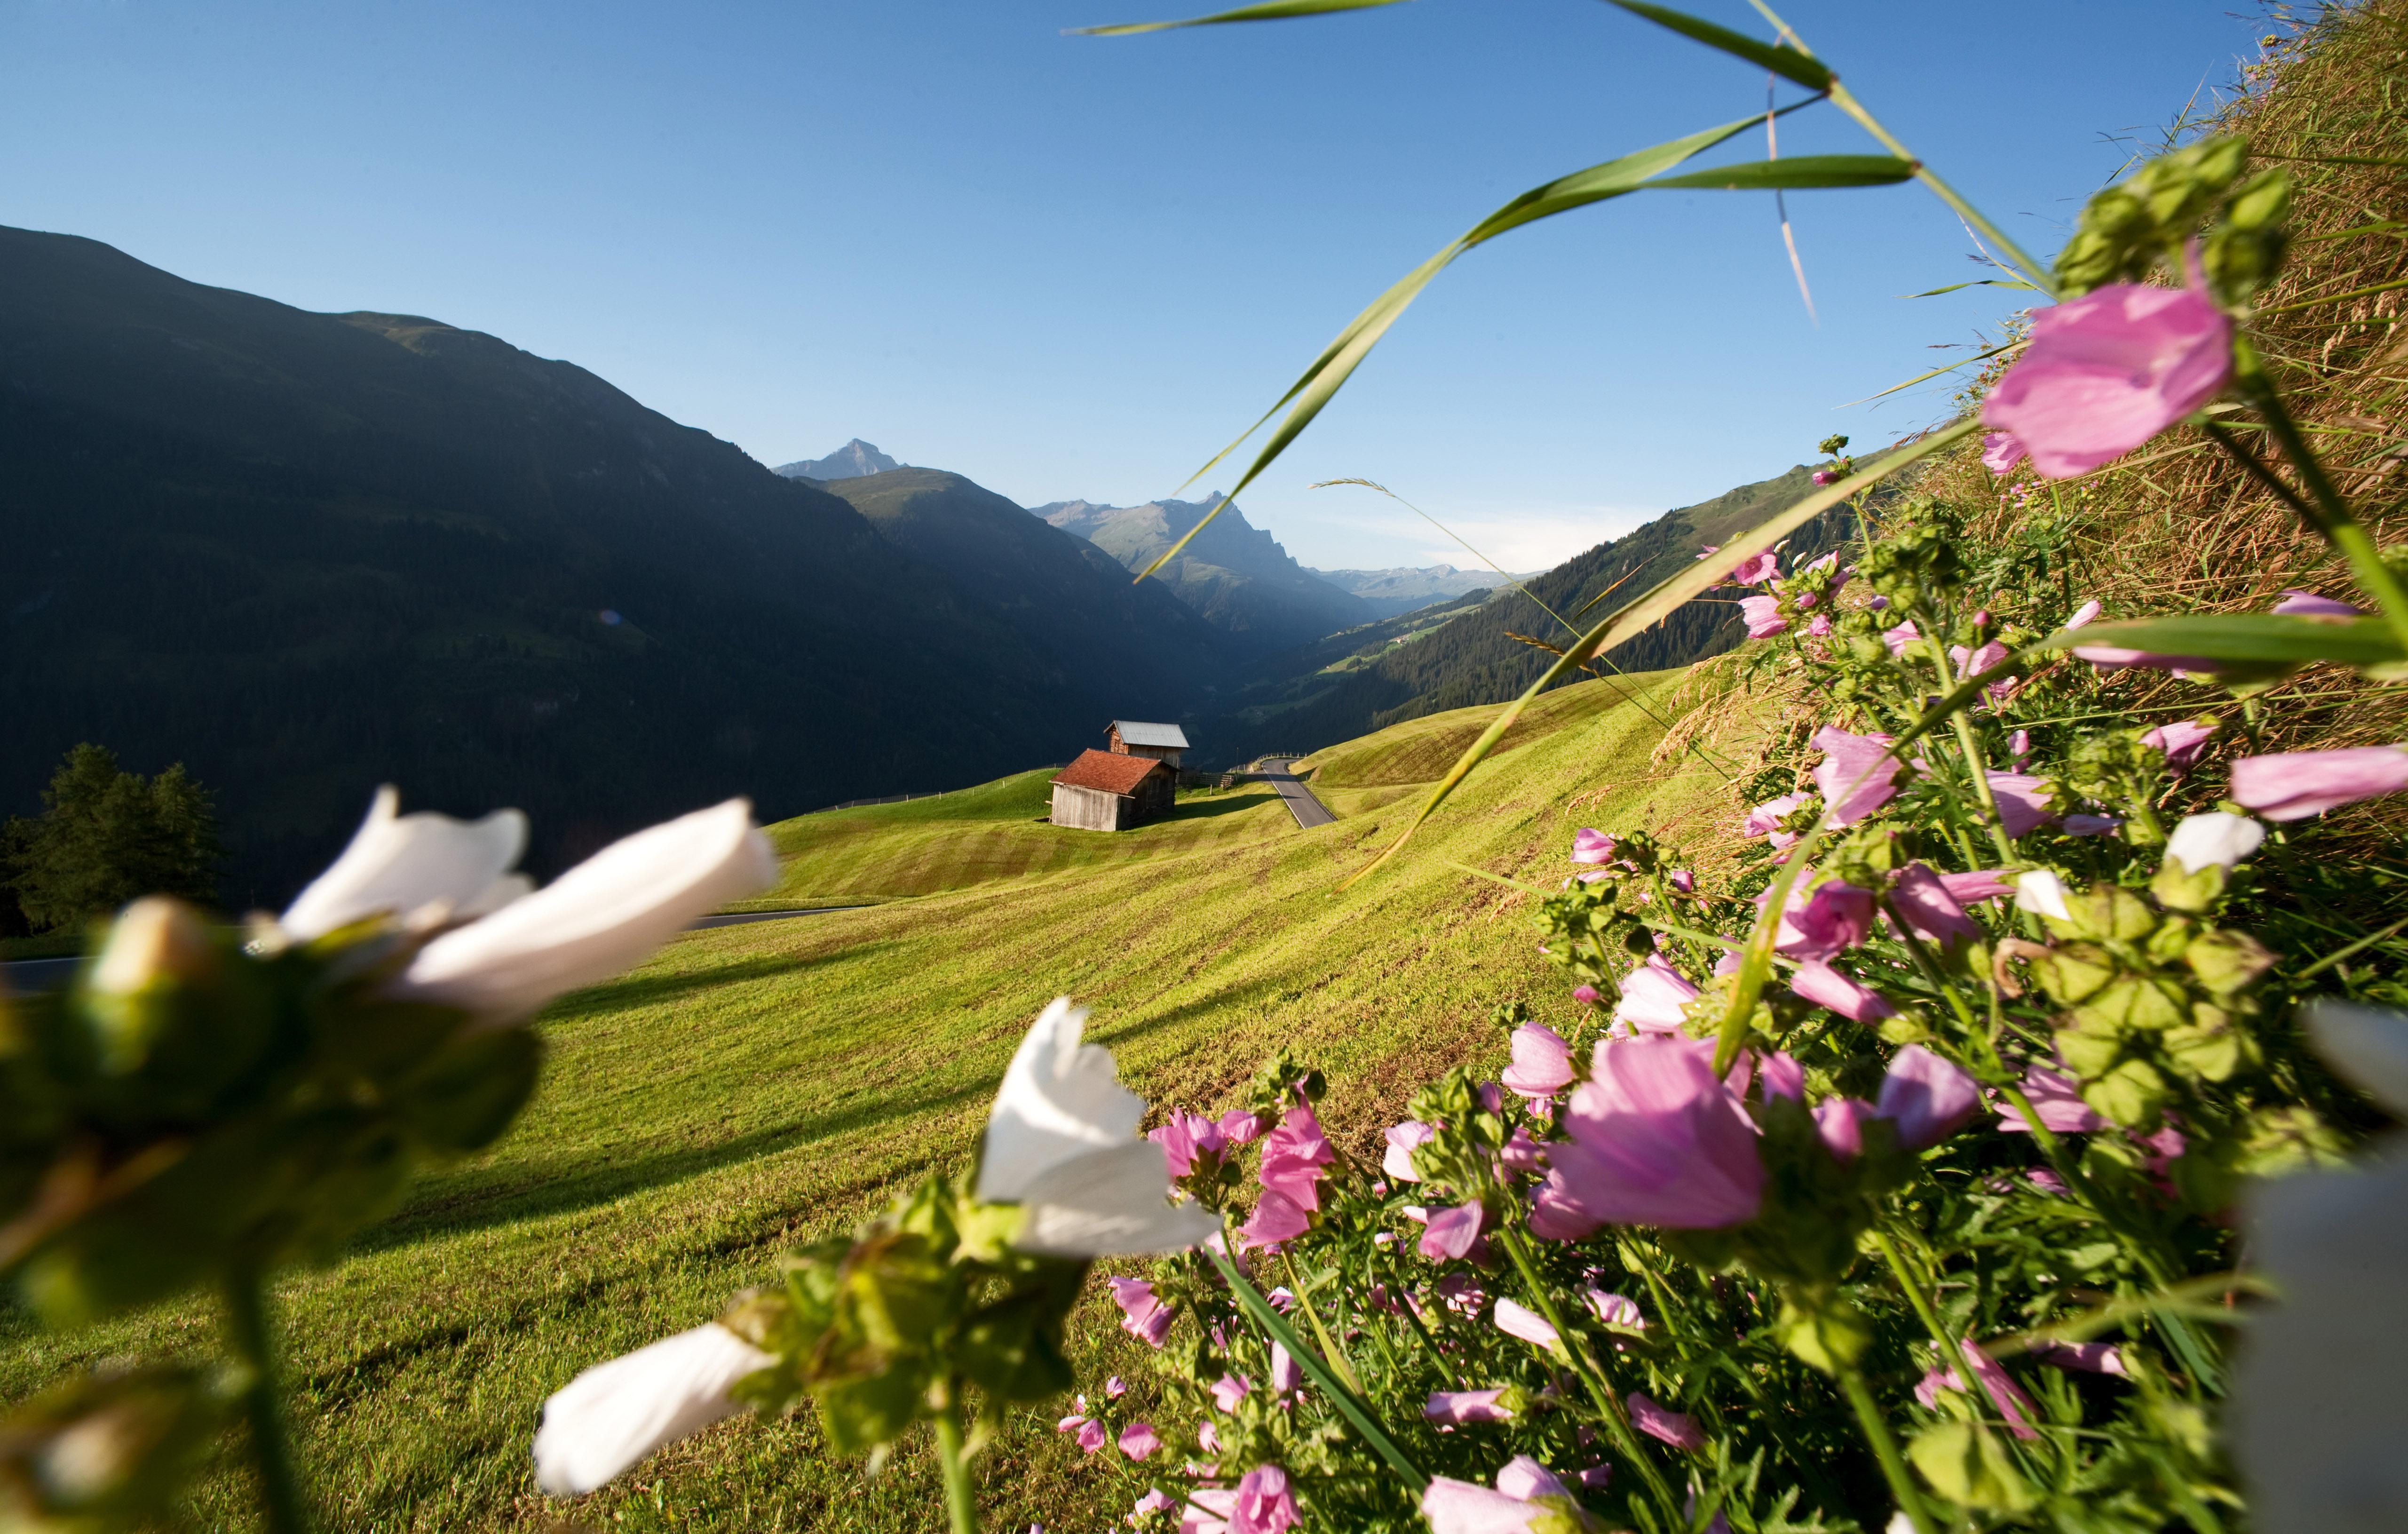 Viaggio in Svizzera sulle tracce di Heidi, per sentirsi come lei